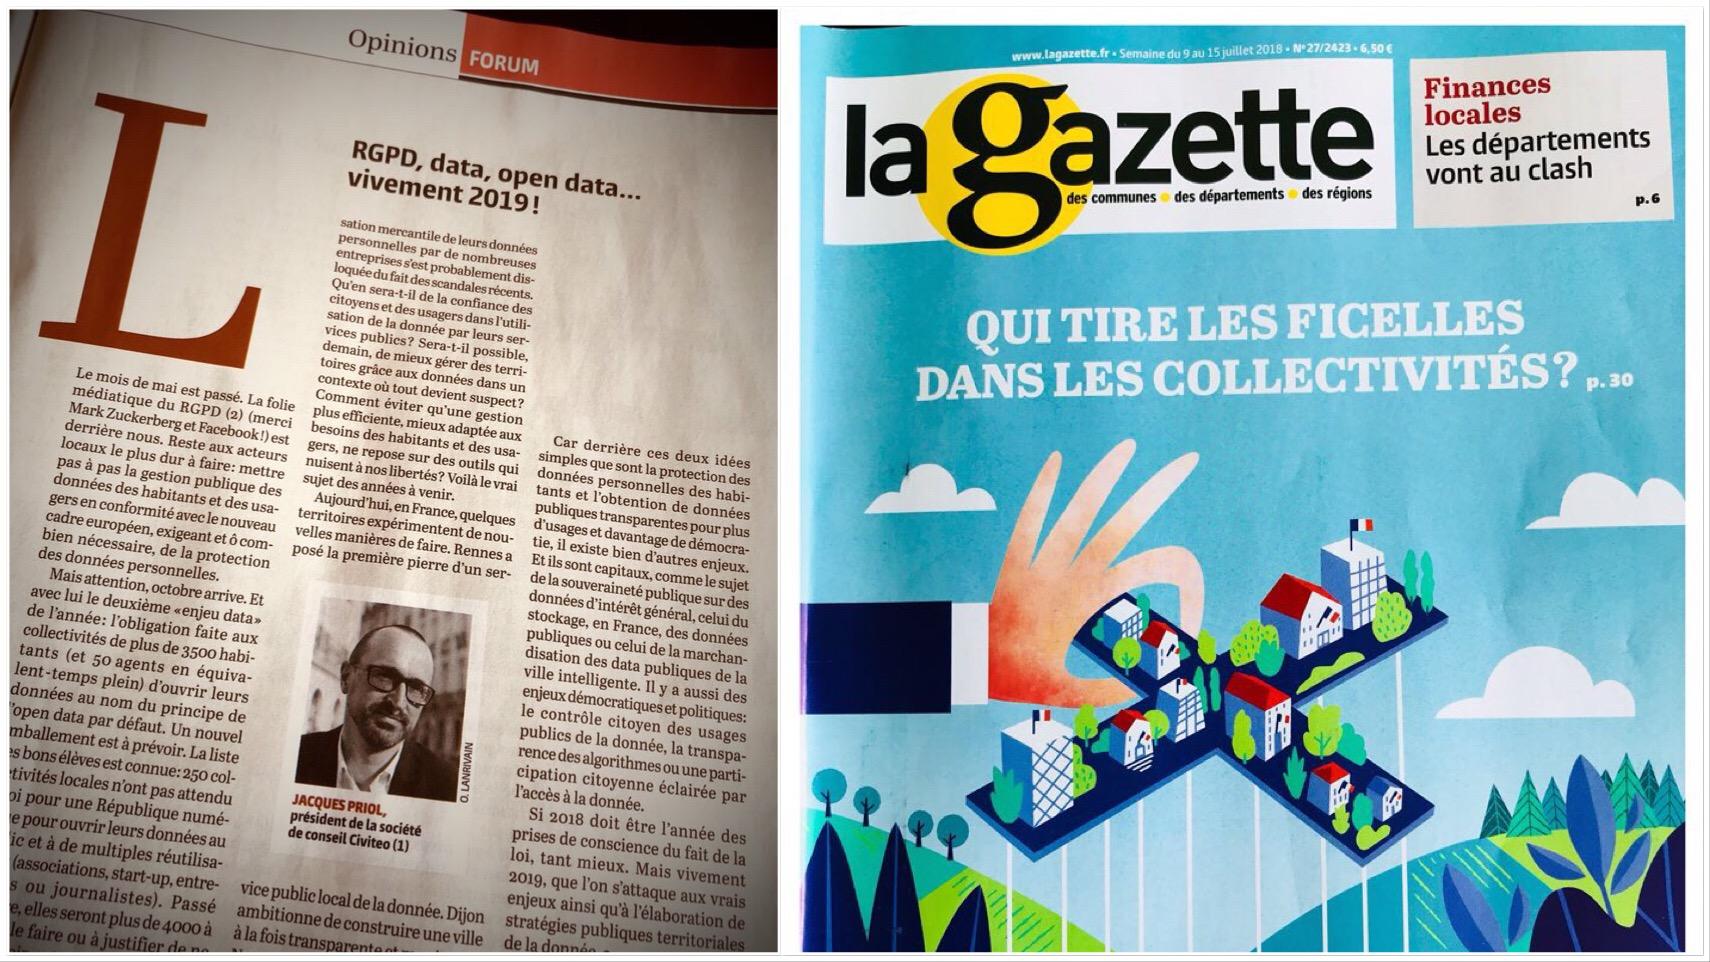 La Gazette des communes